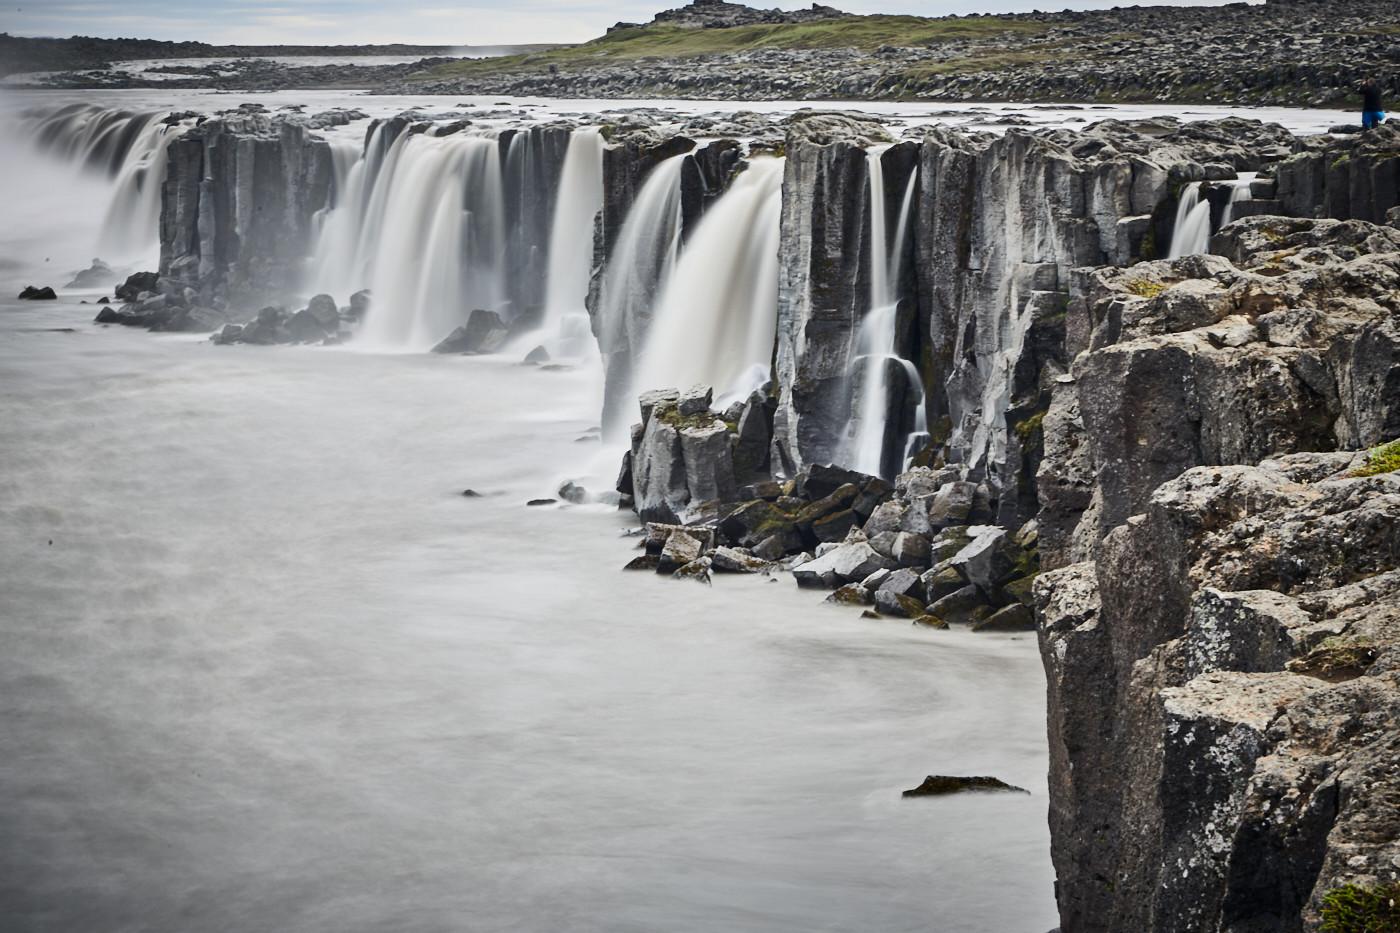 Die wunderschönen Kaskaden und mini Wasserfälle am Selfoss Wasserfall in Island. Ein wunderschöner Ort